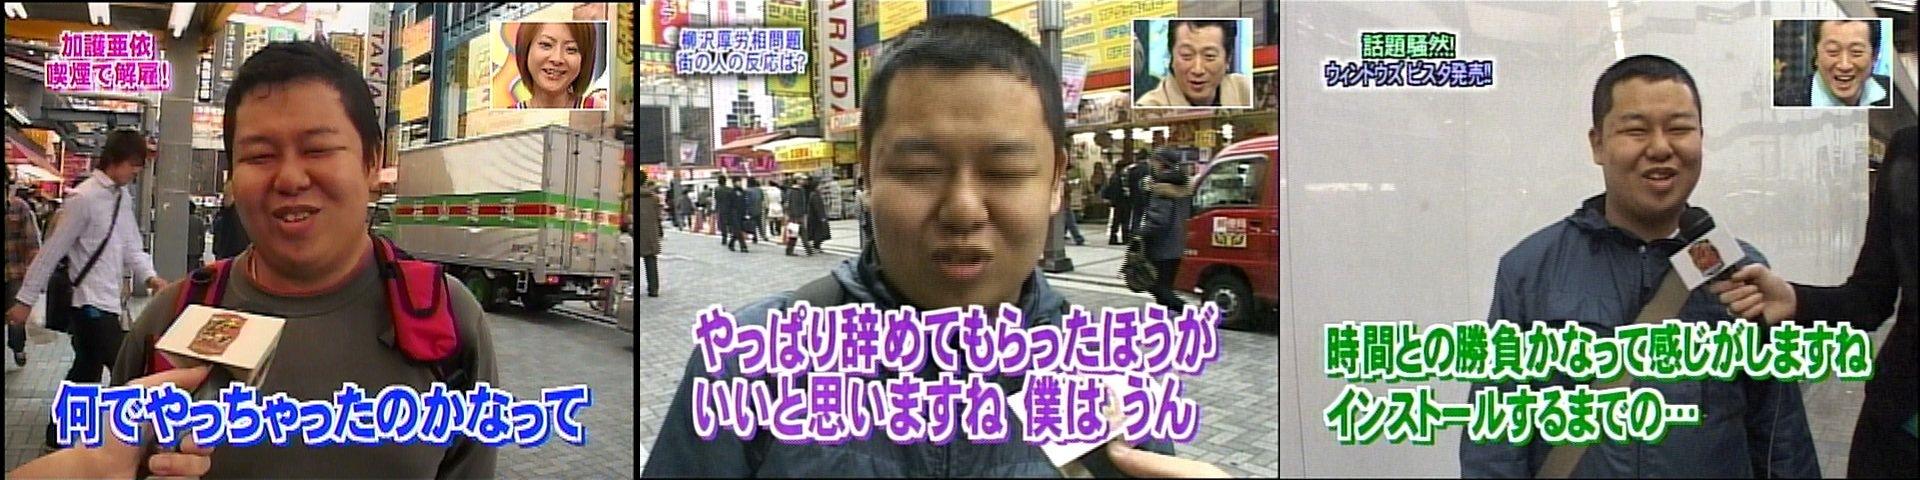 TBS サンジャポ ヤラセ